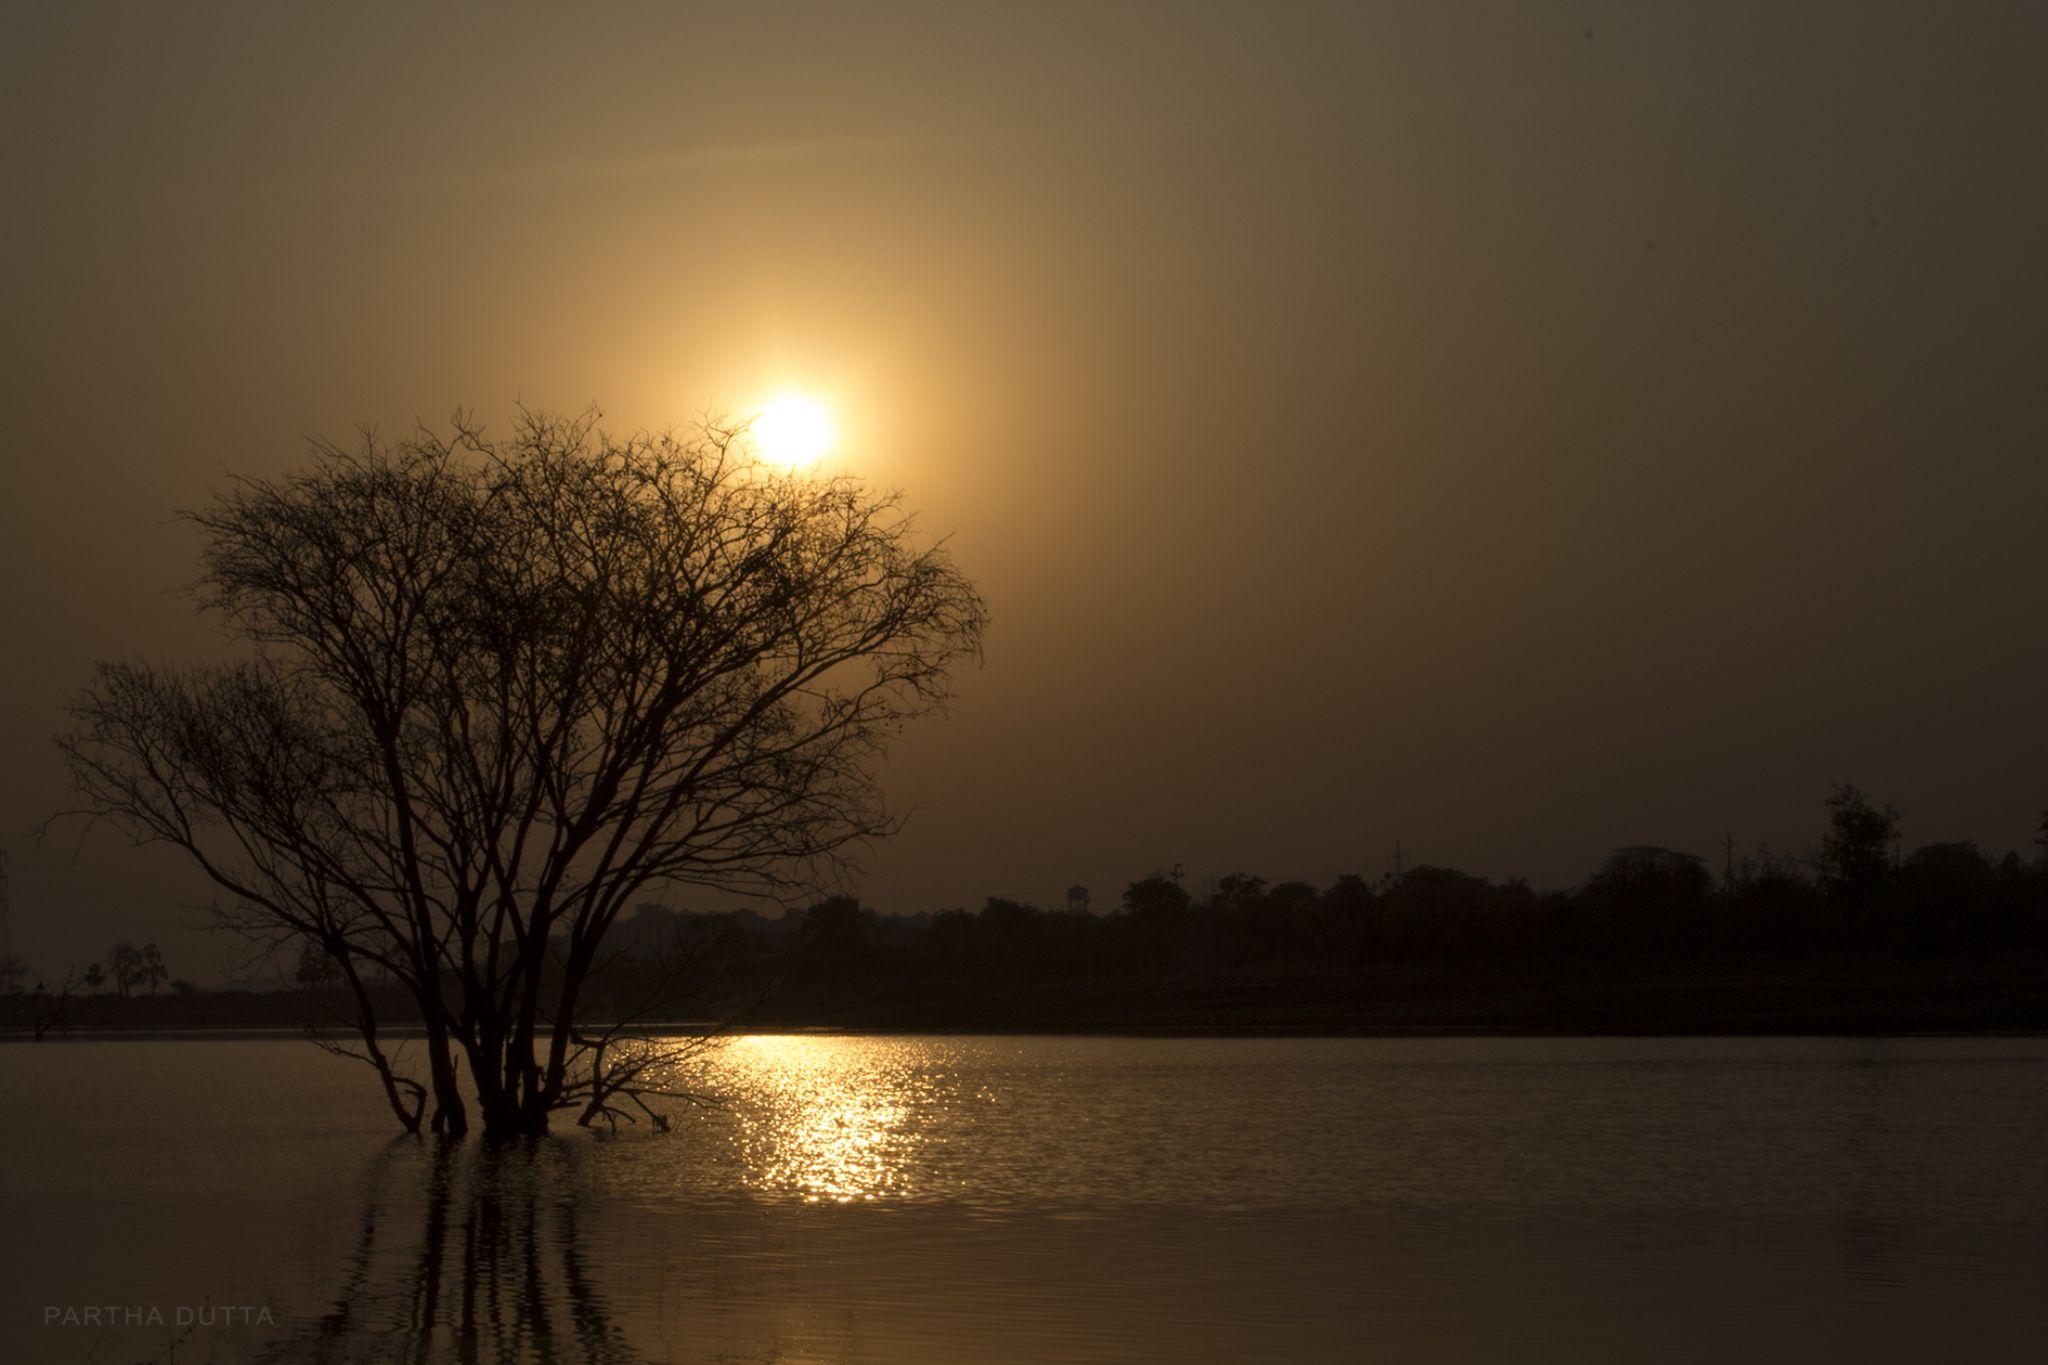 GOLDEN HOUR by Partha Dutta